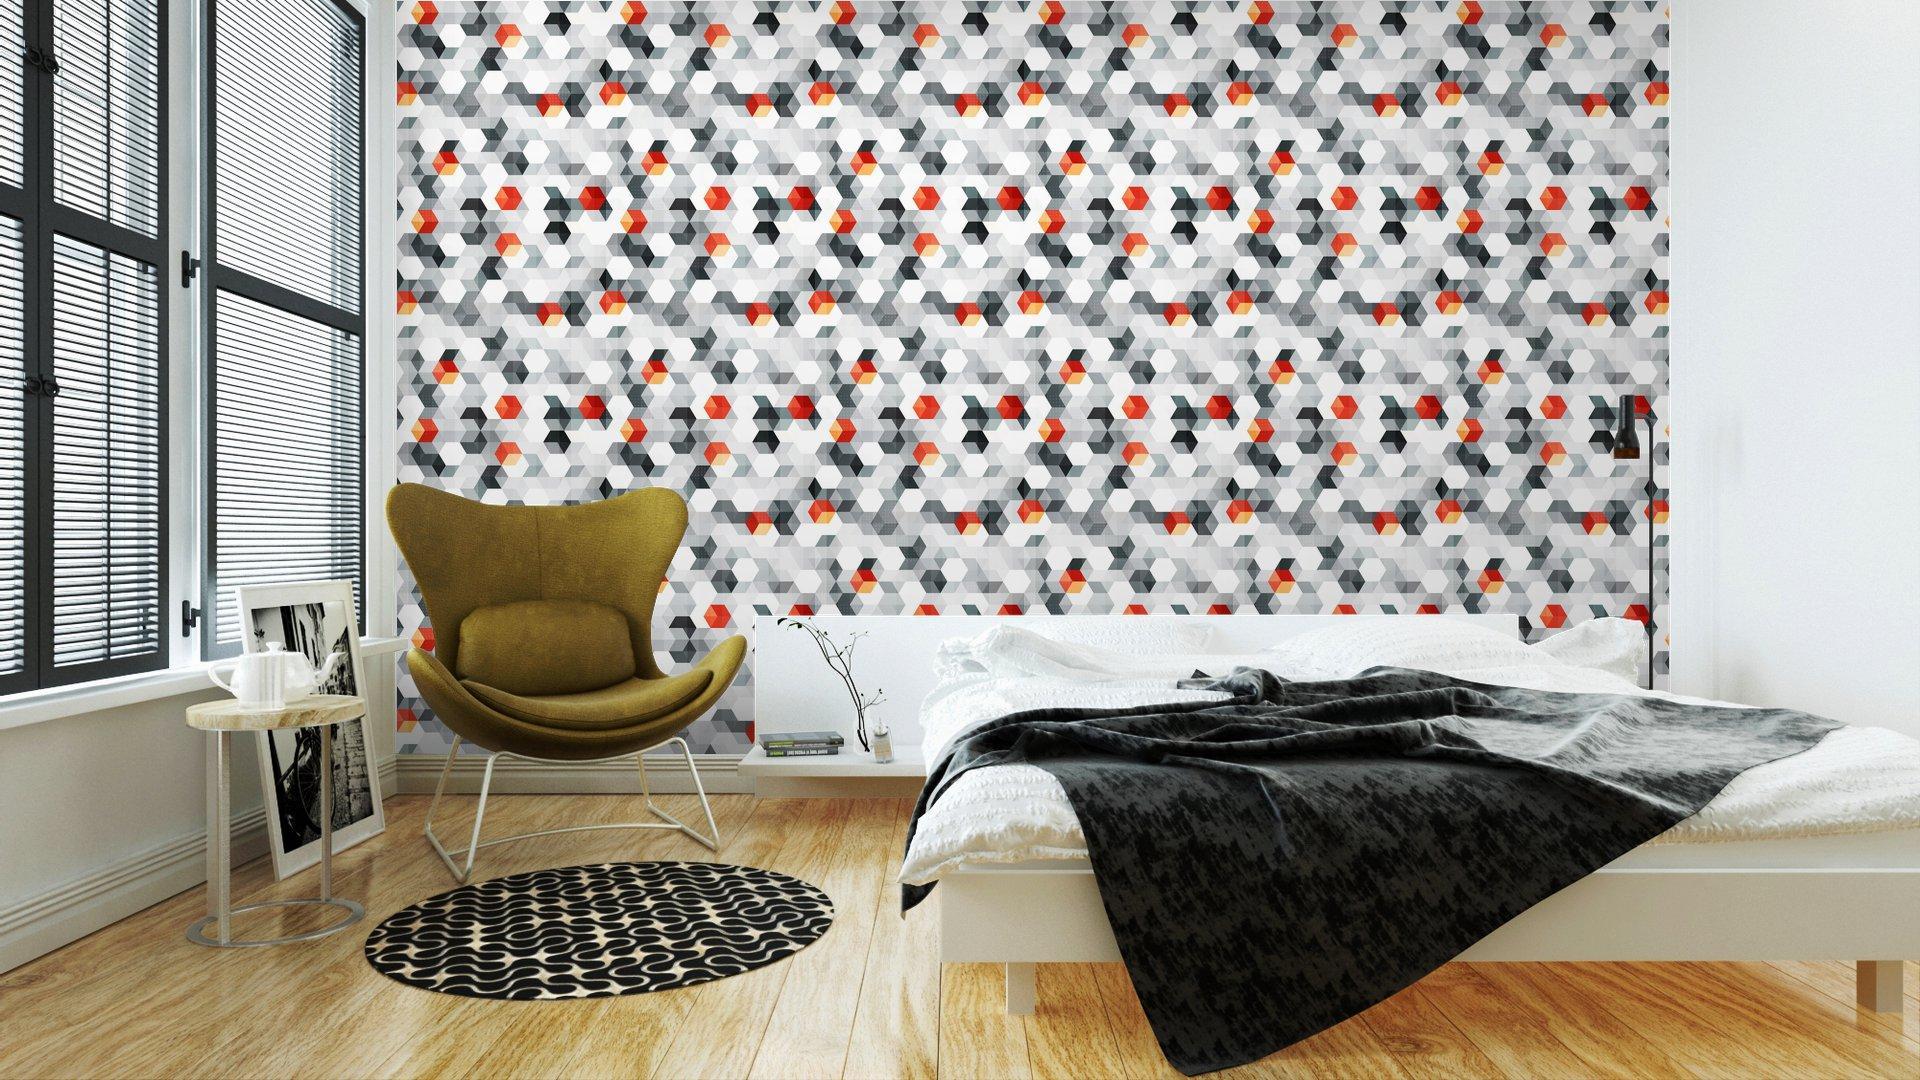 Fotomurales mexico papeles pintados cubos abstractos sin fisuras patron con efecto grunge 3 - Papel Tapiz Cubos Abstractos Con Efecto Grunge 01